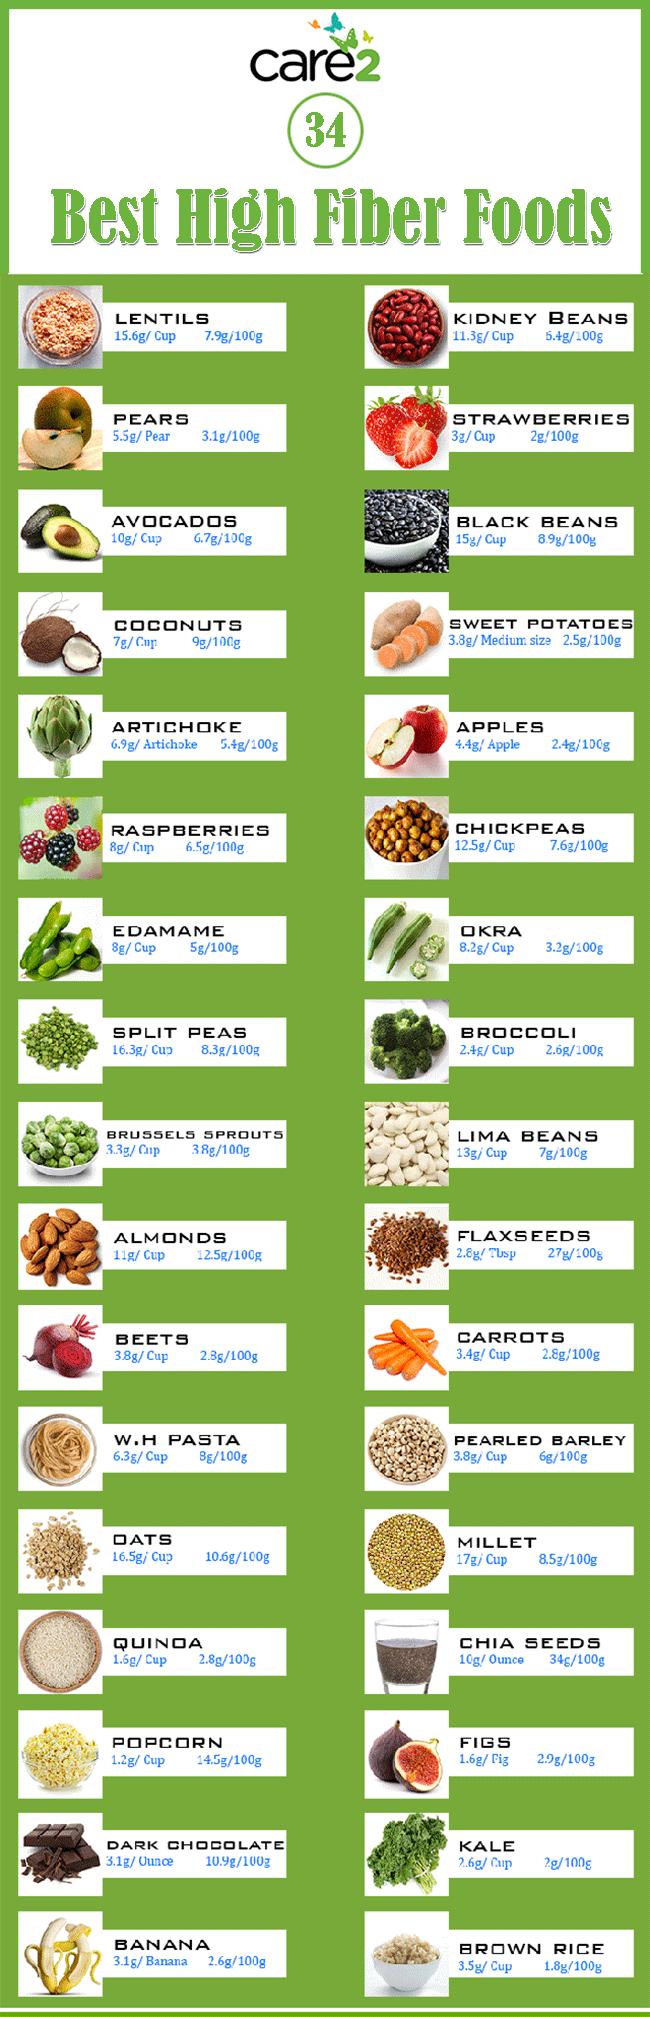 Best high fiber foods